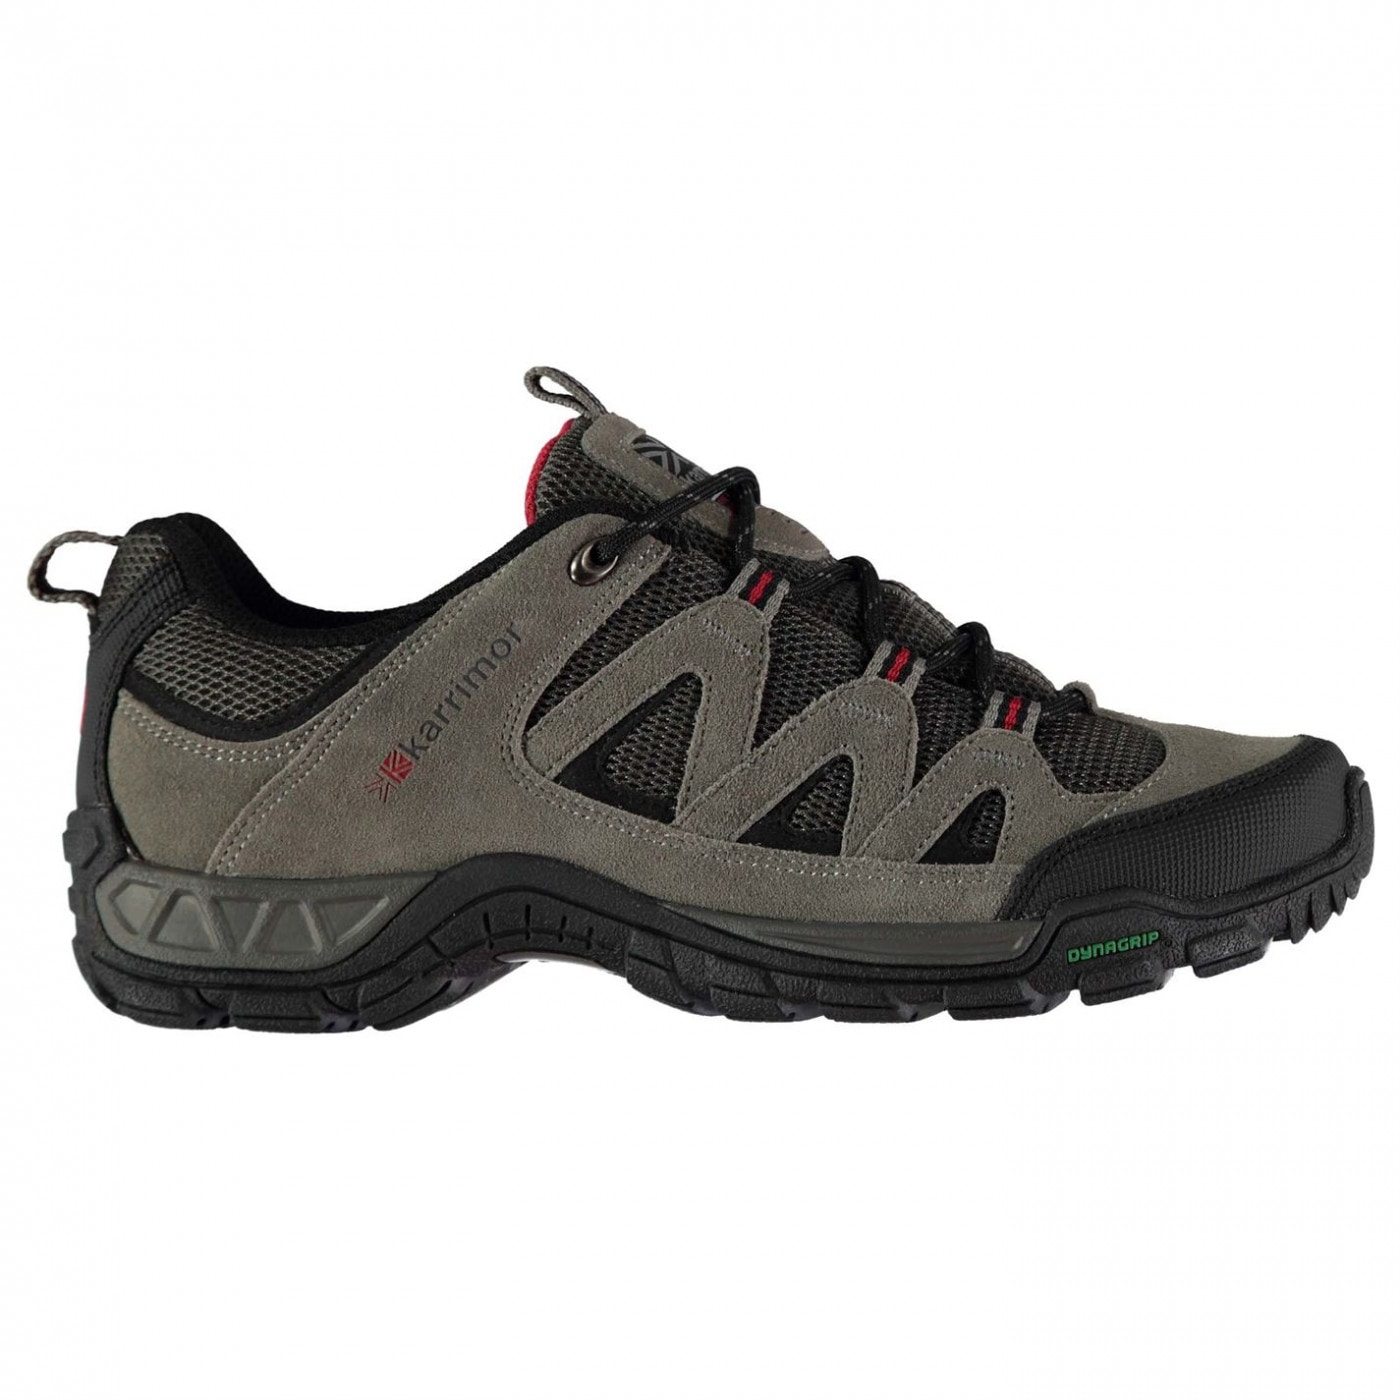 Karrimor Summit Junior Walking Shoes